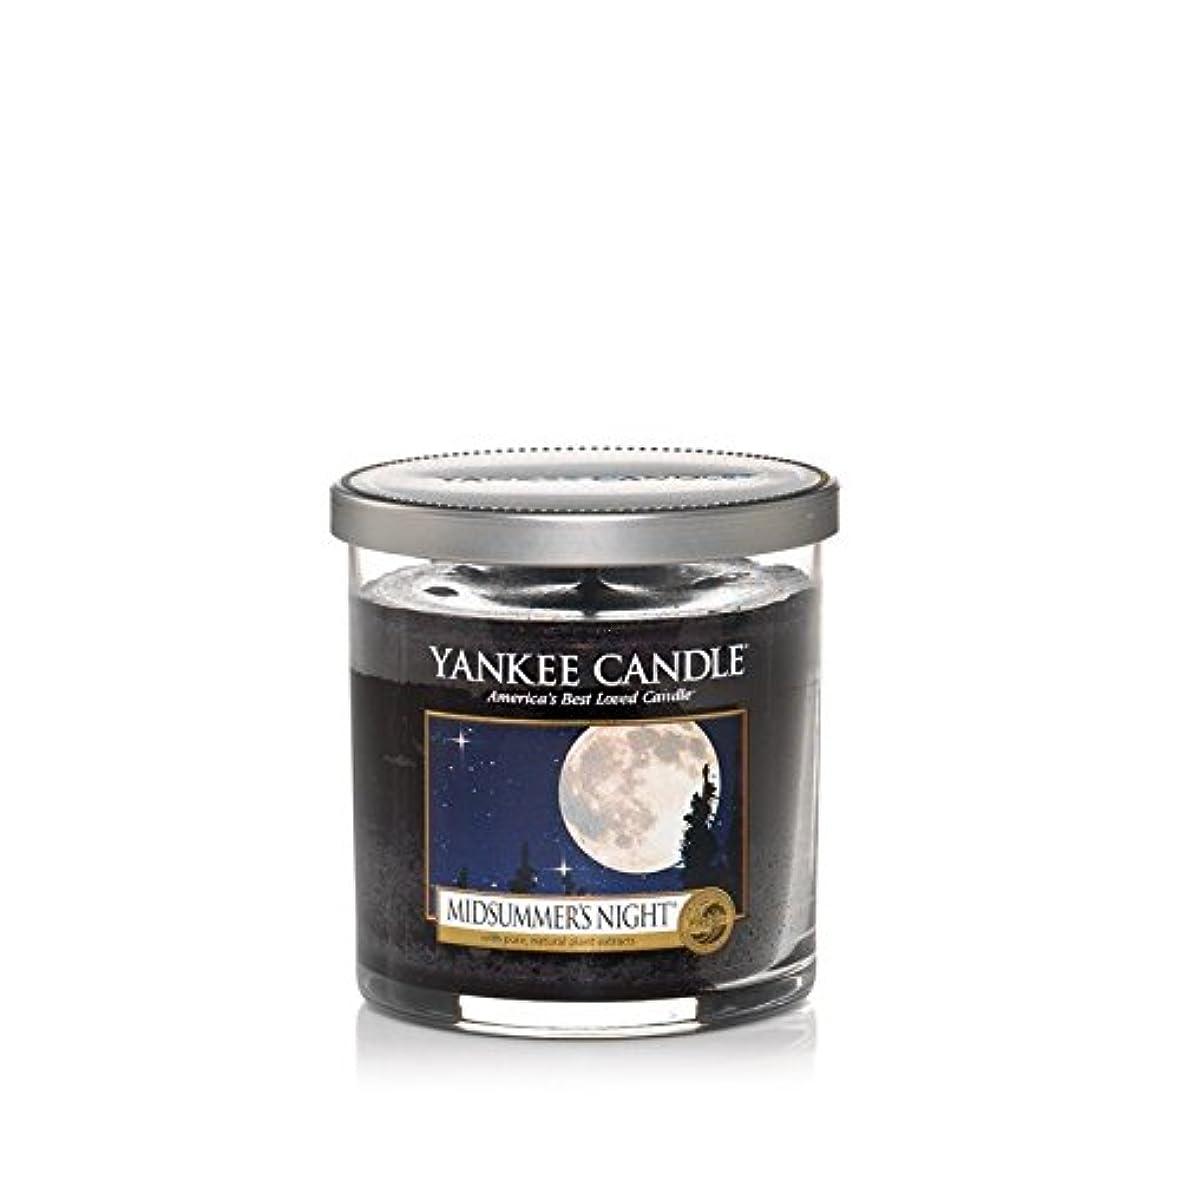 解読する促進するストレスYankee Candles Small Pillar Candle - Midsummers Night (Pack of 2) - ヤンキーキャンドルの小さな柱キャンドル - Midsummers夜 (x2) [並行輸入品]